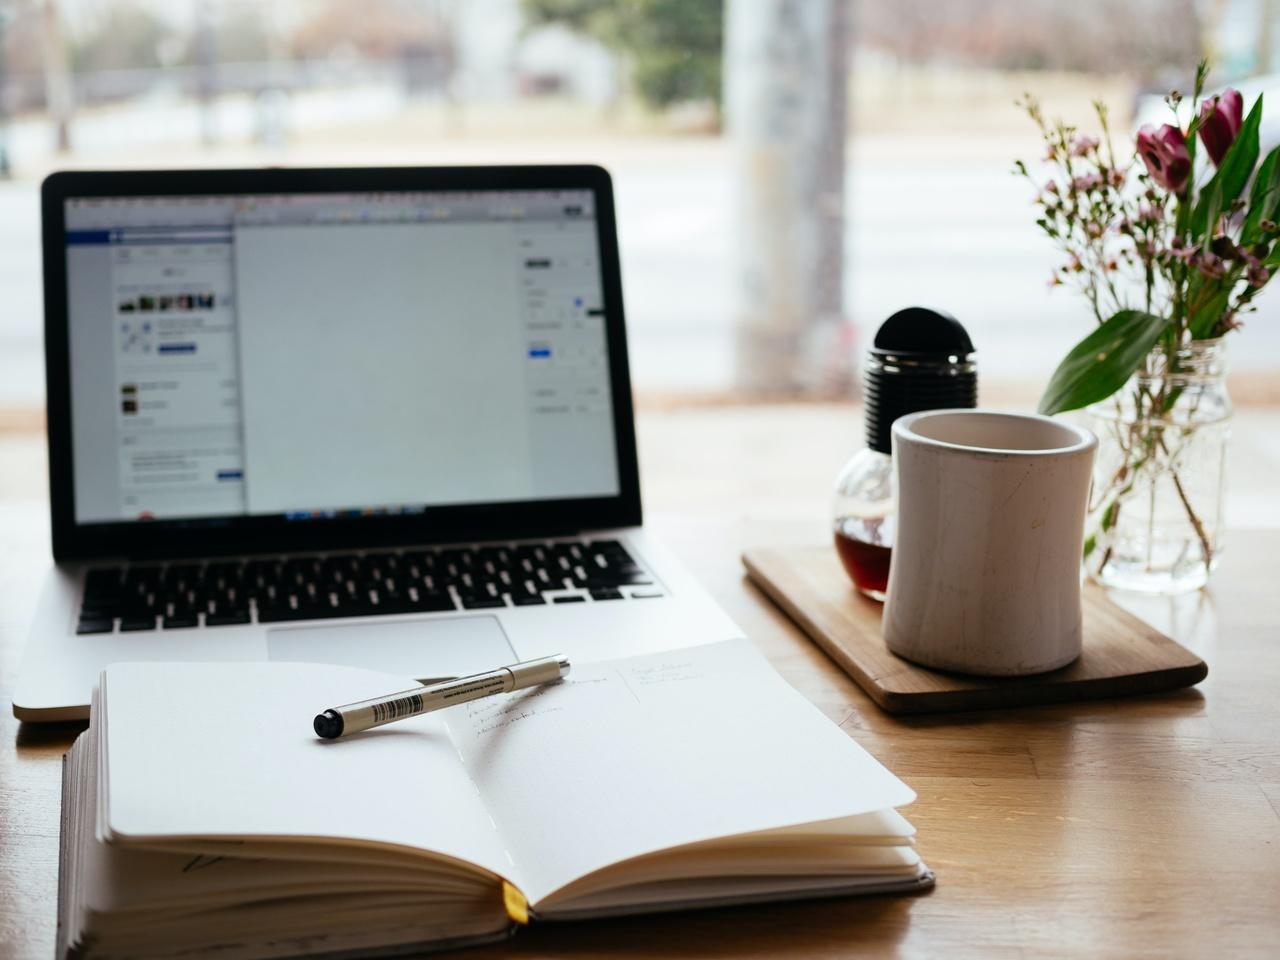 portale dla szukających pracy